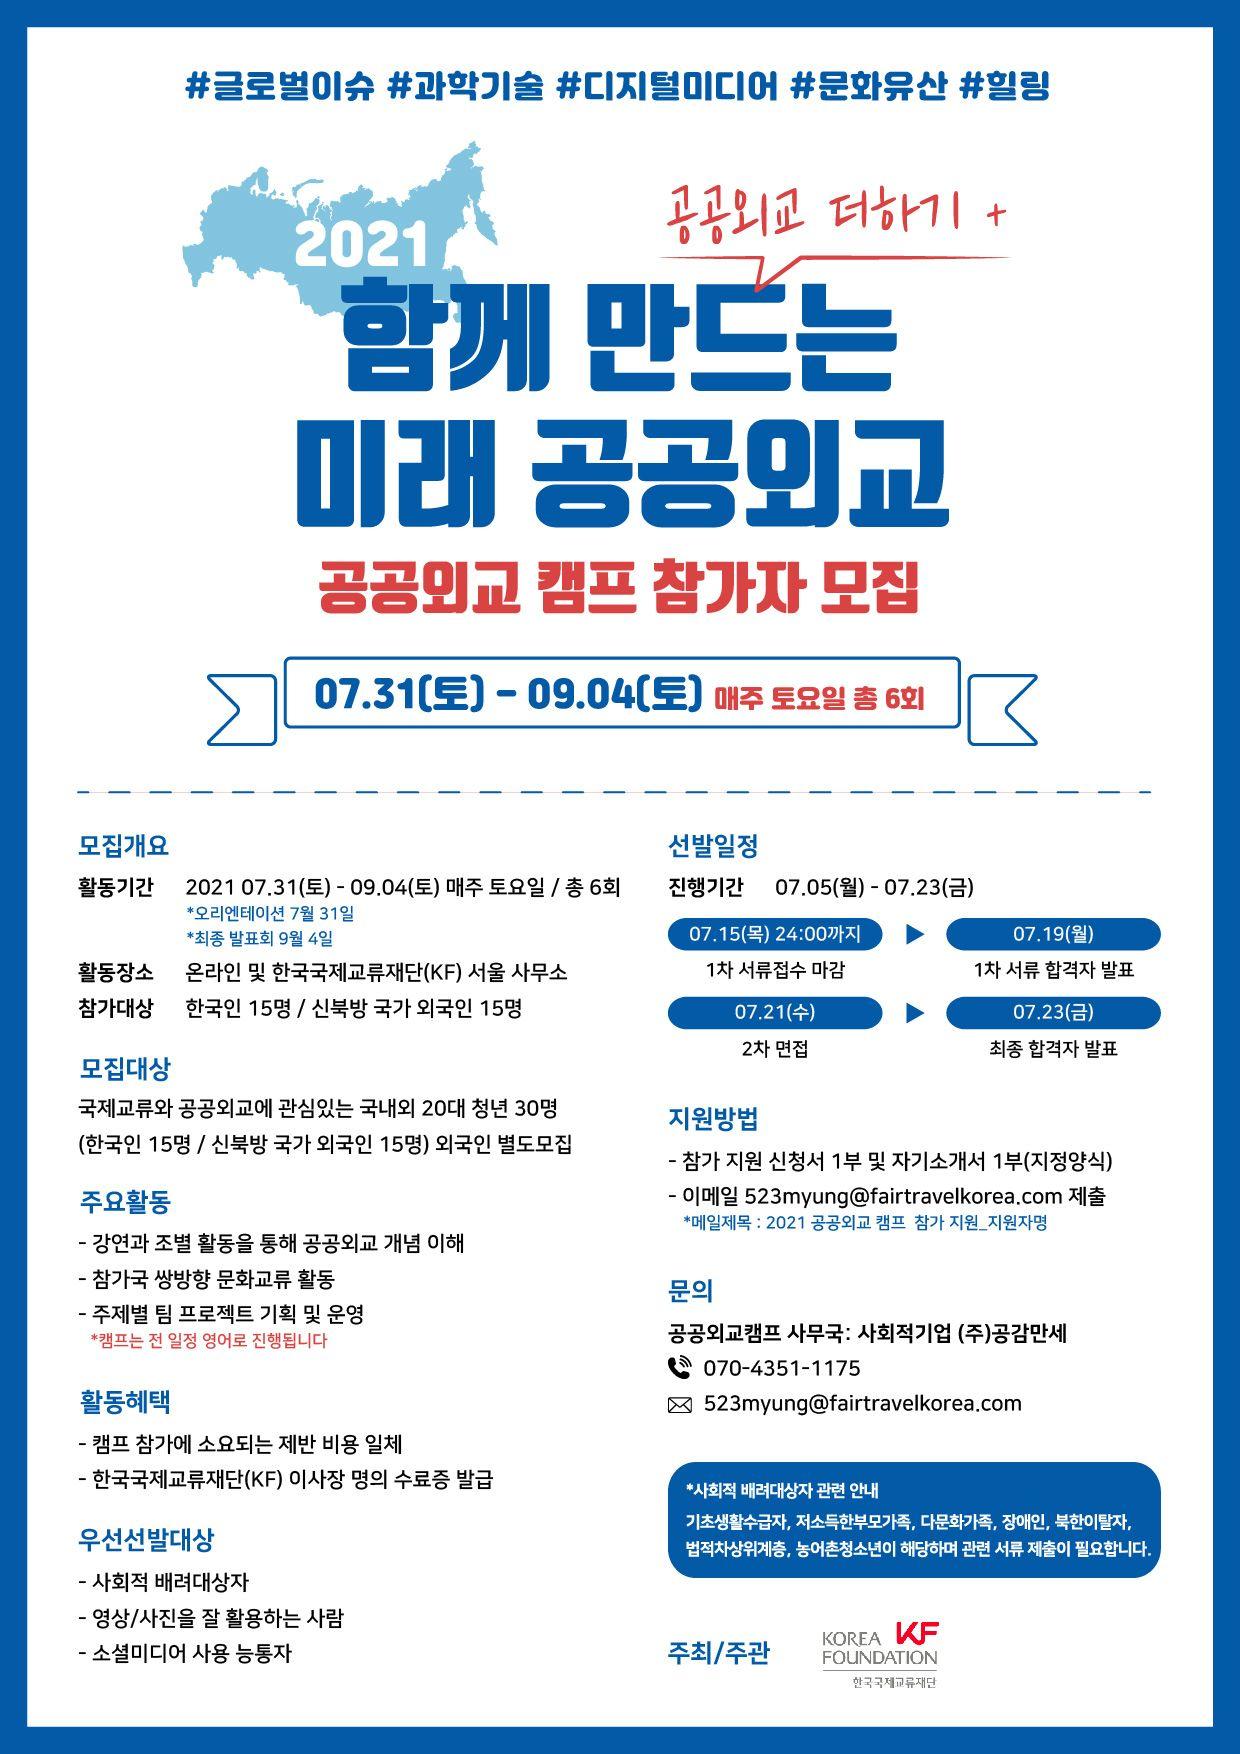 2021 공공외교캠프 참가자 선발공고 (7.12 양식 수정 확인 요망)